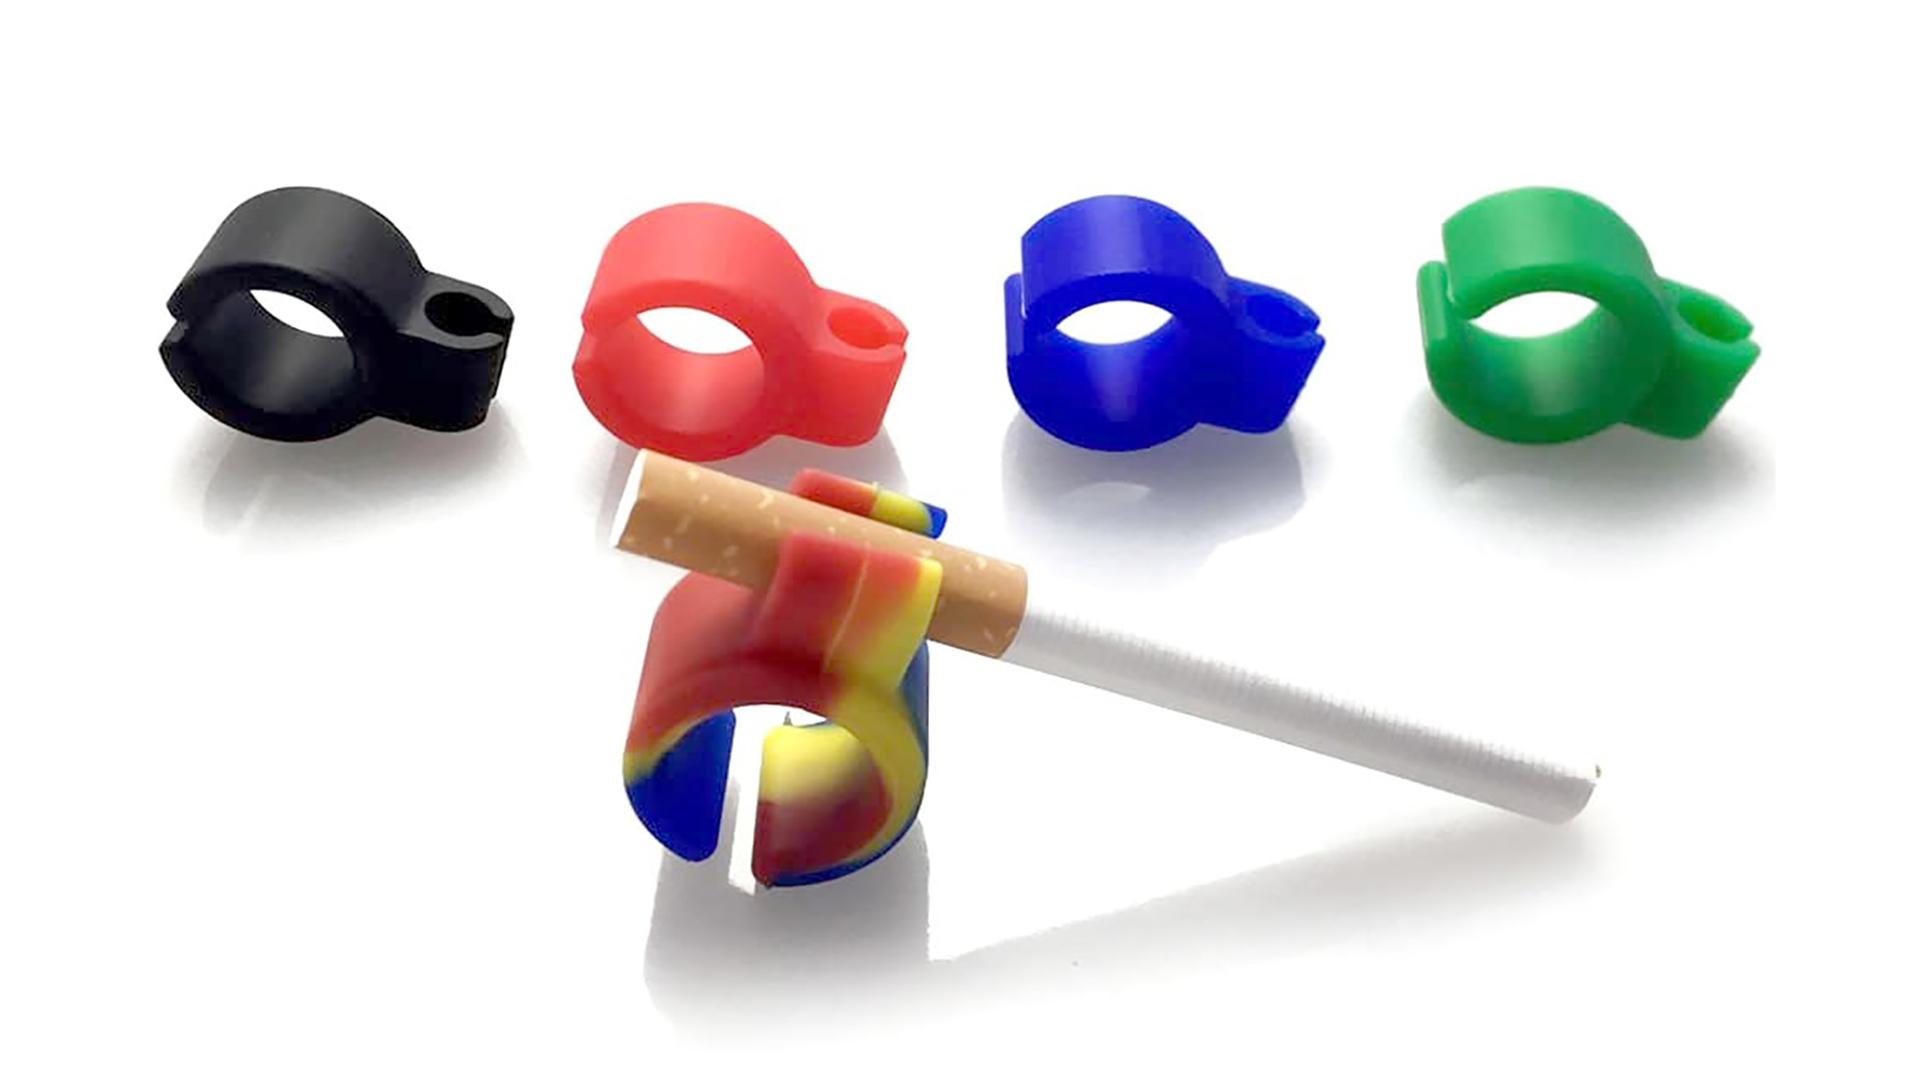 Porte-cigarette en silicone Bague Porte-titulaire émoussé Anneau de doigt pour tous les fumeurs DH Silicone